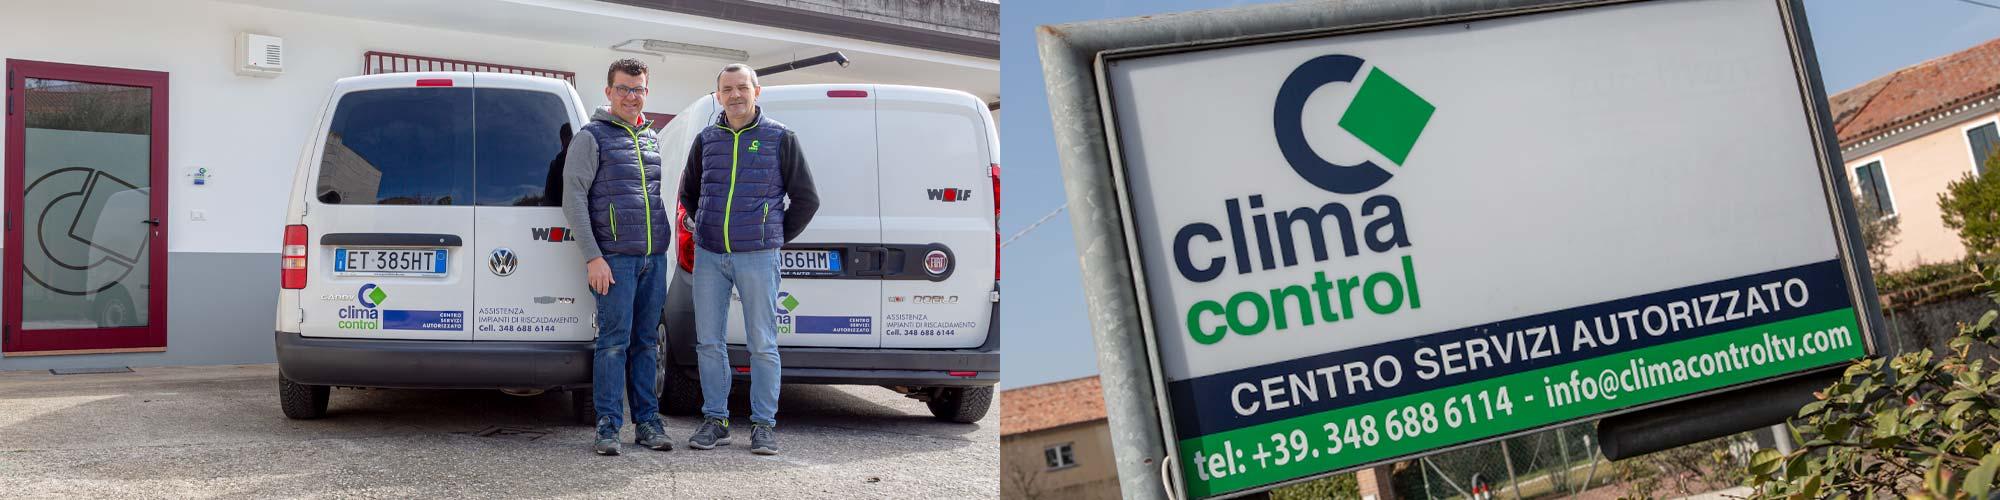 ClimaControlTV